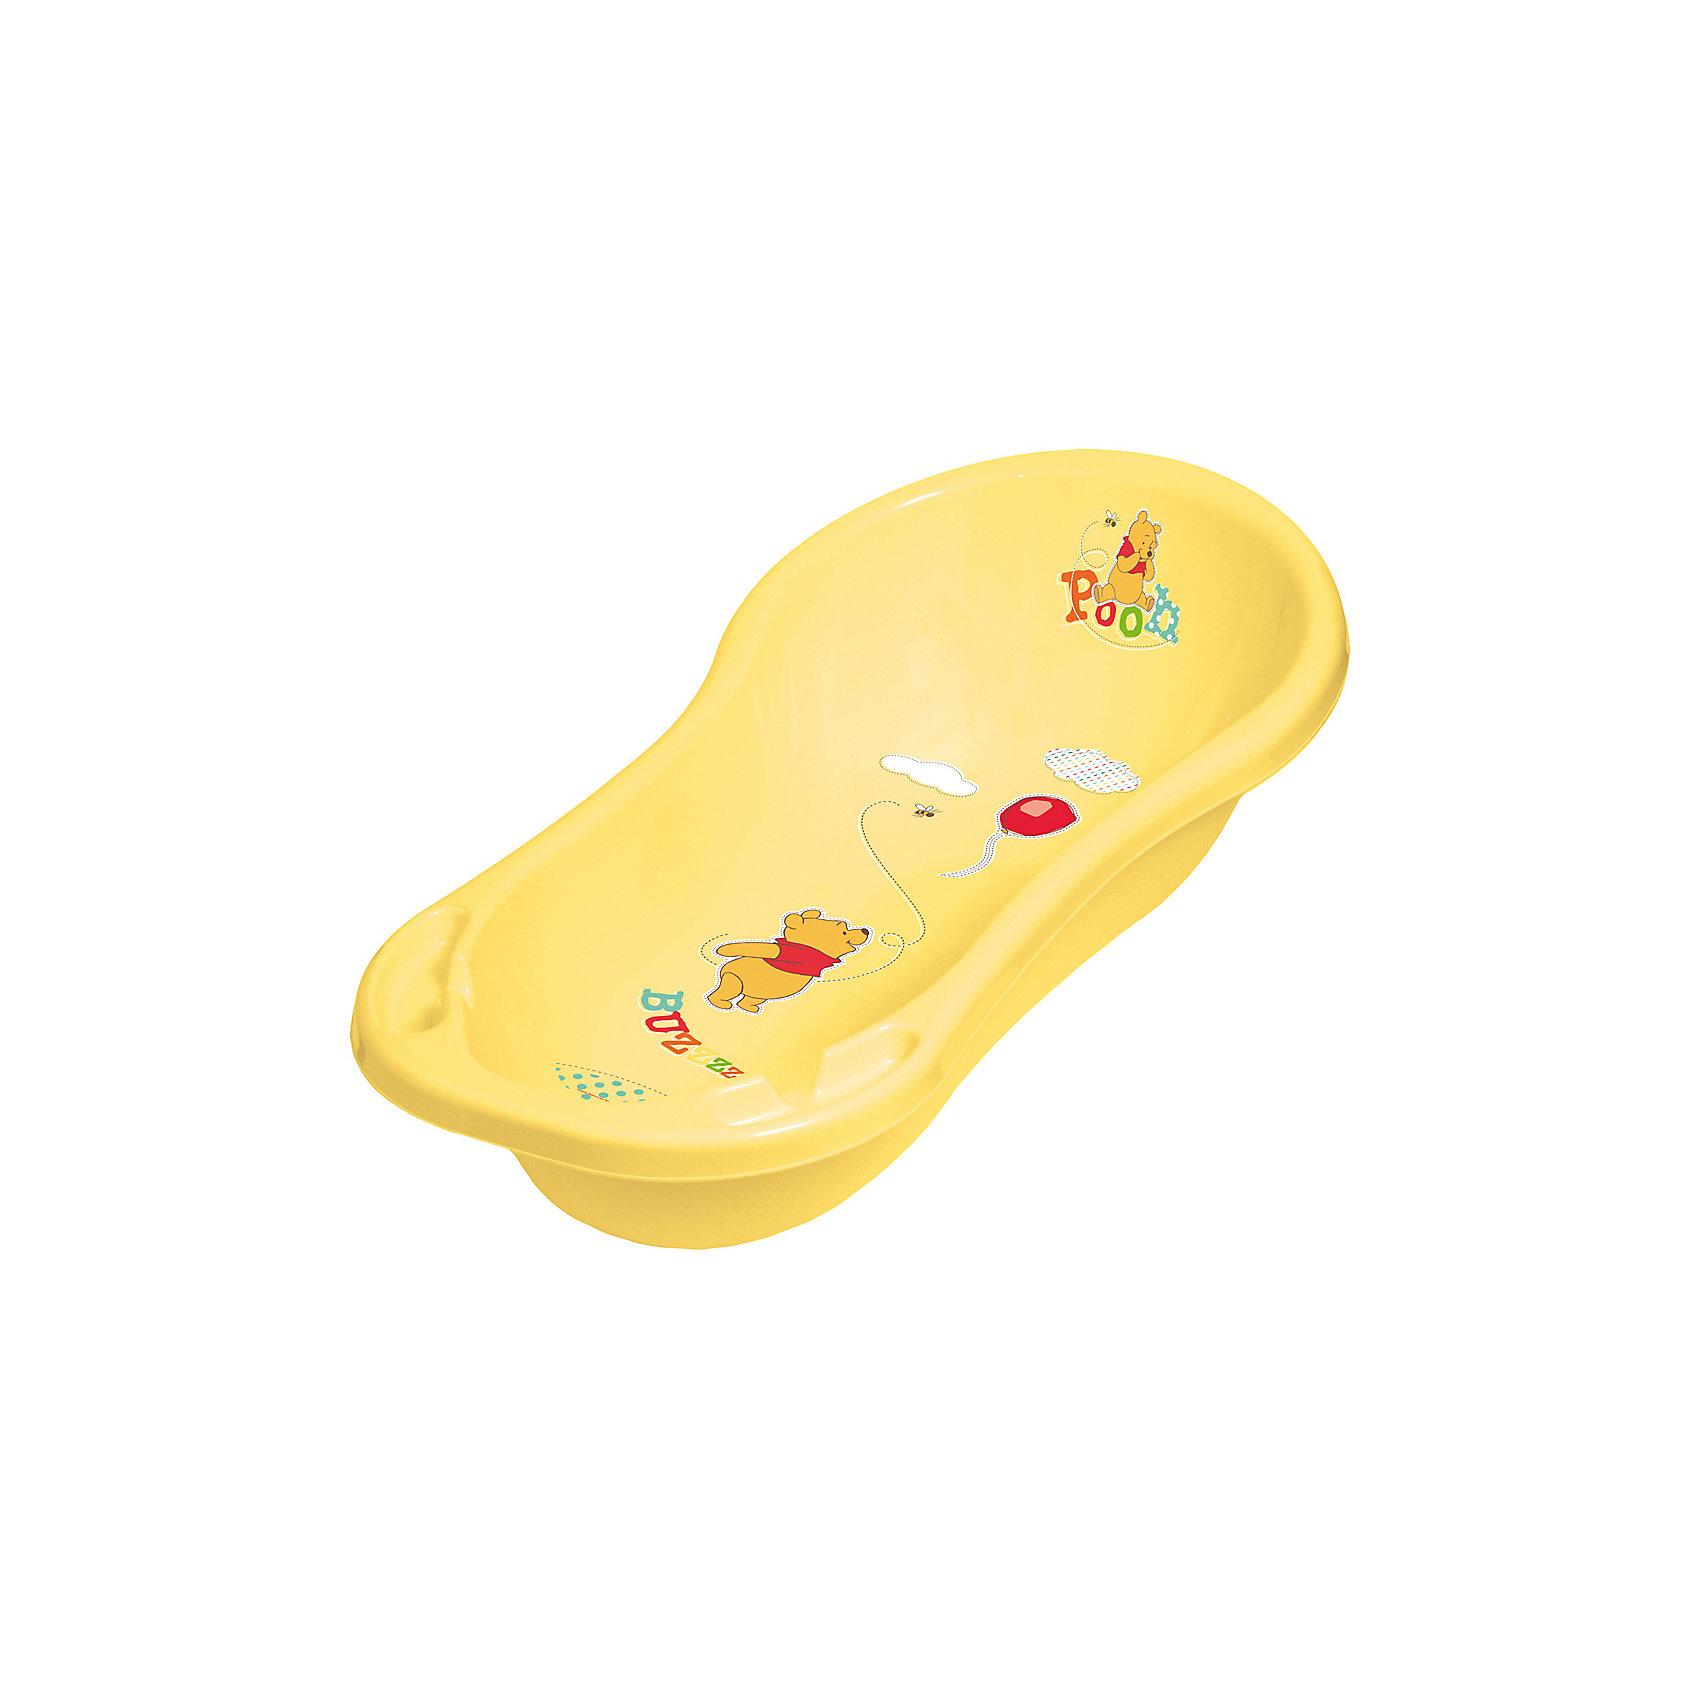 Ванна со сливом 100 см., DISNEY Винни Пух, желтыйКупание - очень важный процесс в жизни новорожденного. Оно помогает не только произвести необходимые гигиенические процедуры, но также и расслабляет, успокаивает, снимает напряжение. Да и подросший ребенок с удовольствием будет играть в воде. Отличная яркая ванна со сливом Винни Пух Disney от популярного бренда ОКТ станет Вашим незаменимым помощником во время водных процедур. Изделие обладает следующими особенностями:<br>- желтый цвет и позитивные рисунки стимулируют зрительное восприятие и дарят вдохновение;<br>- эргономичная форма с плавными линиями дарит комфорт и защиту;<br>- удобные выемки на краях, куда можно положить игрушки или мыло;<br>- особый материал - легкий, прочный, износостойкий;<br>- сливное отверстие позволит вам легко спускать воду.<br>Замечательная ванночка для купания и веселых игр!<br><br>Дополнительная информация:<br>- вес: 1211 гр.;<br>- габариты: 1000х510х310 мм;<br>- возрастная категория: 0+;<br>- эргономичная форма;<br>- выемки для необходимых предметов;<br>- сливное отверстие.<br><br>Ванну со сливом Винни Пух DISNEY ОКТ можно купить в нашем магазине<br><br>Ширина мм: 1000<br>Глубина мм: 510<br>Высота мм: 310<br>Вес г: 1211<br>Возраст от месяцев: -2147483648<br>Возраст до месяцев: 2147483647<br>Пол: Унисекс<br>Возраст: Детский<br>SKU: 3946068